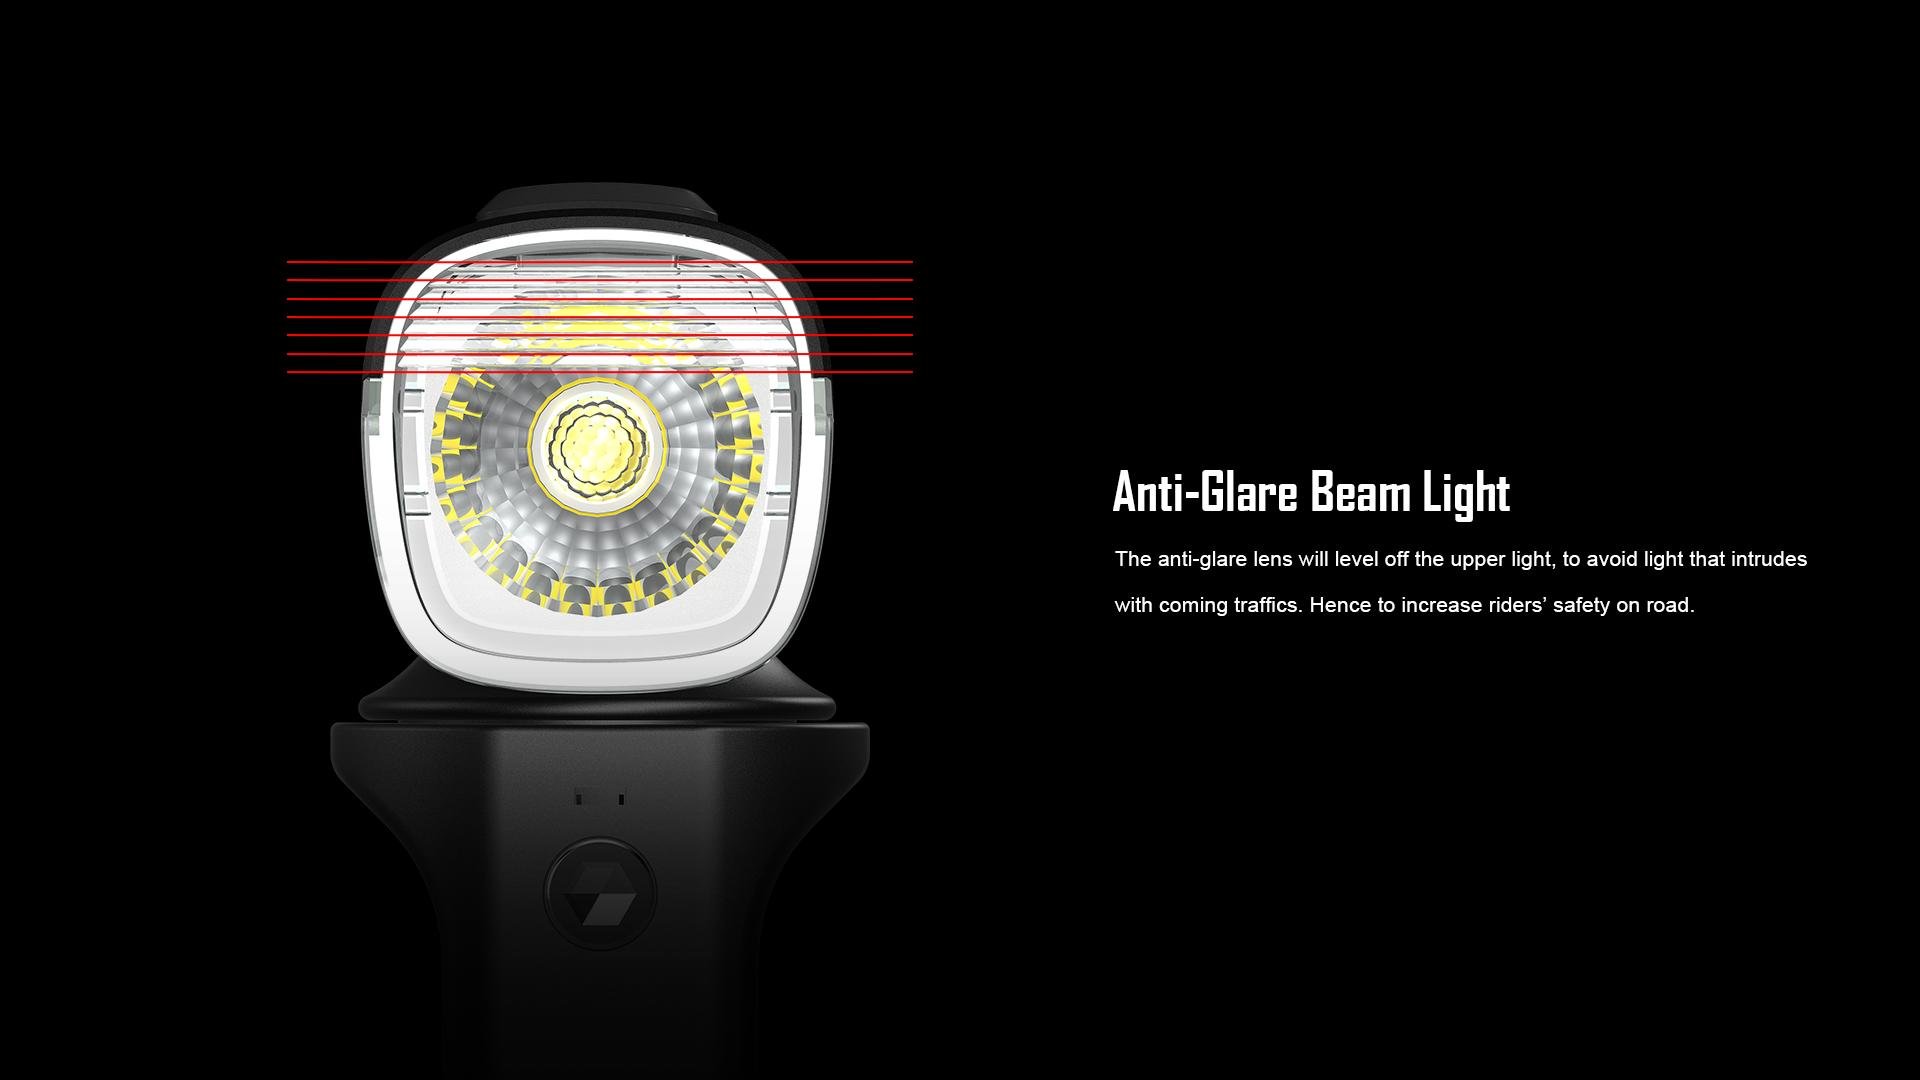 RN1500 Bike Headlight Anti-Glare Beam Light